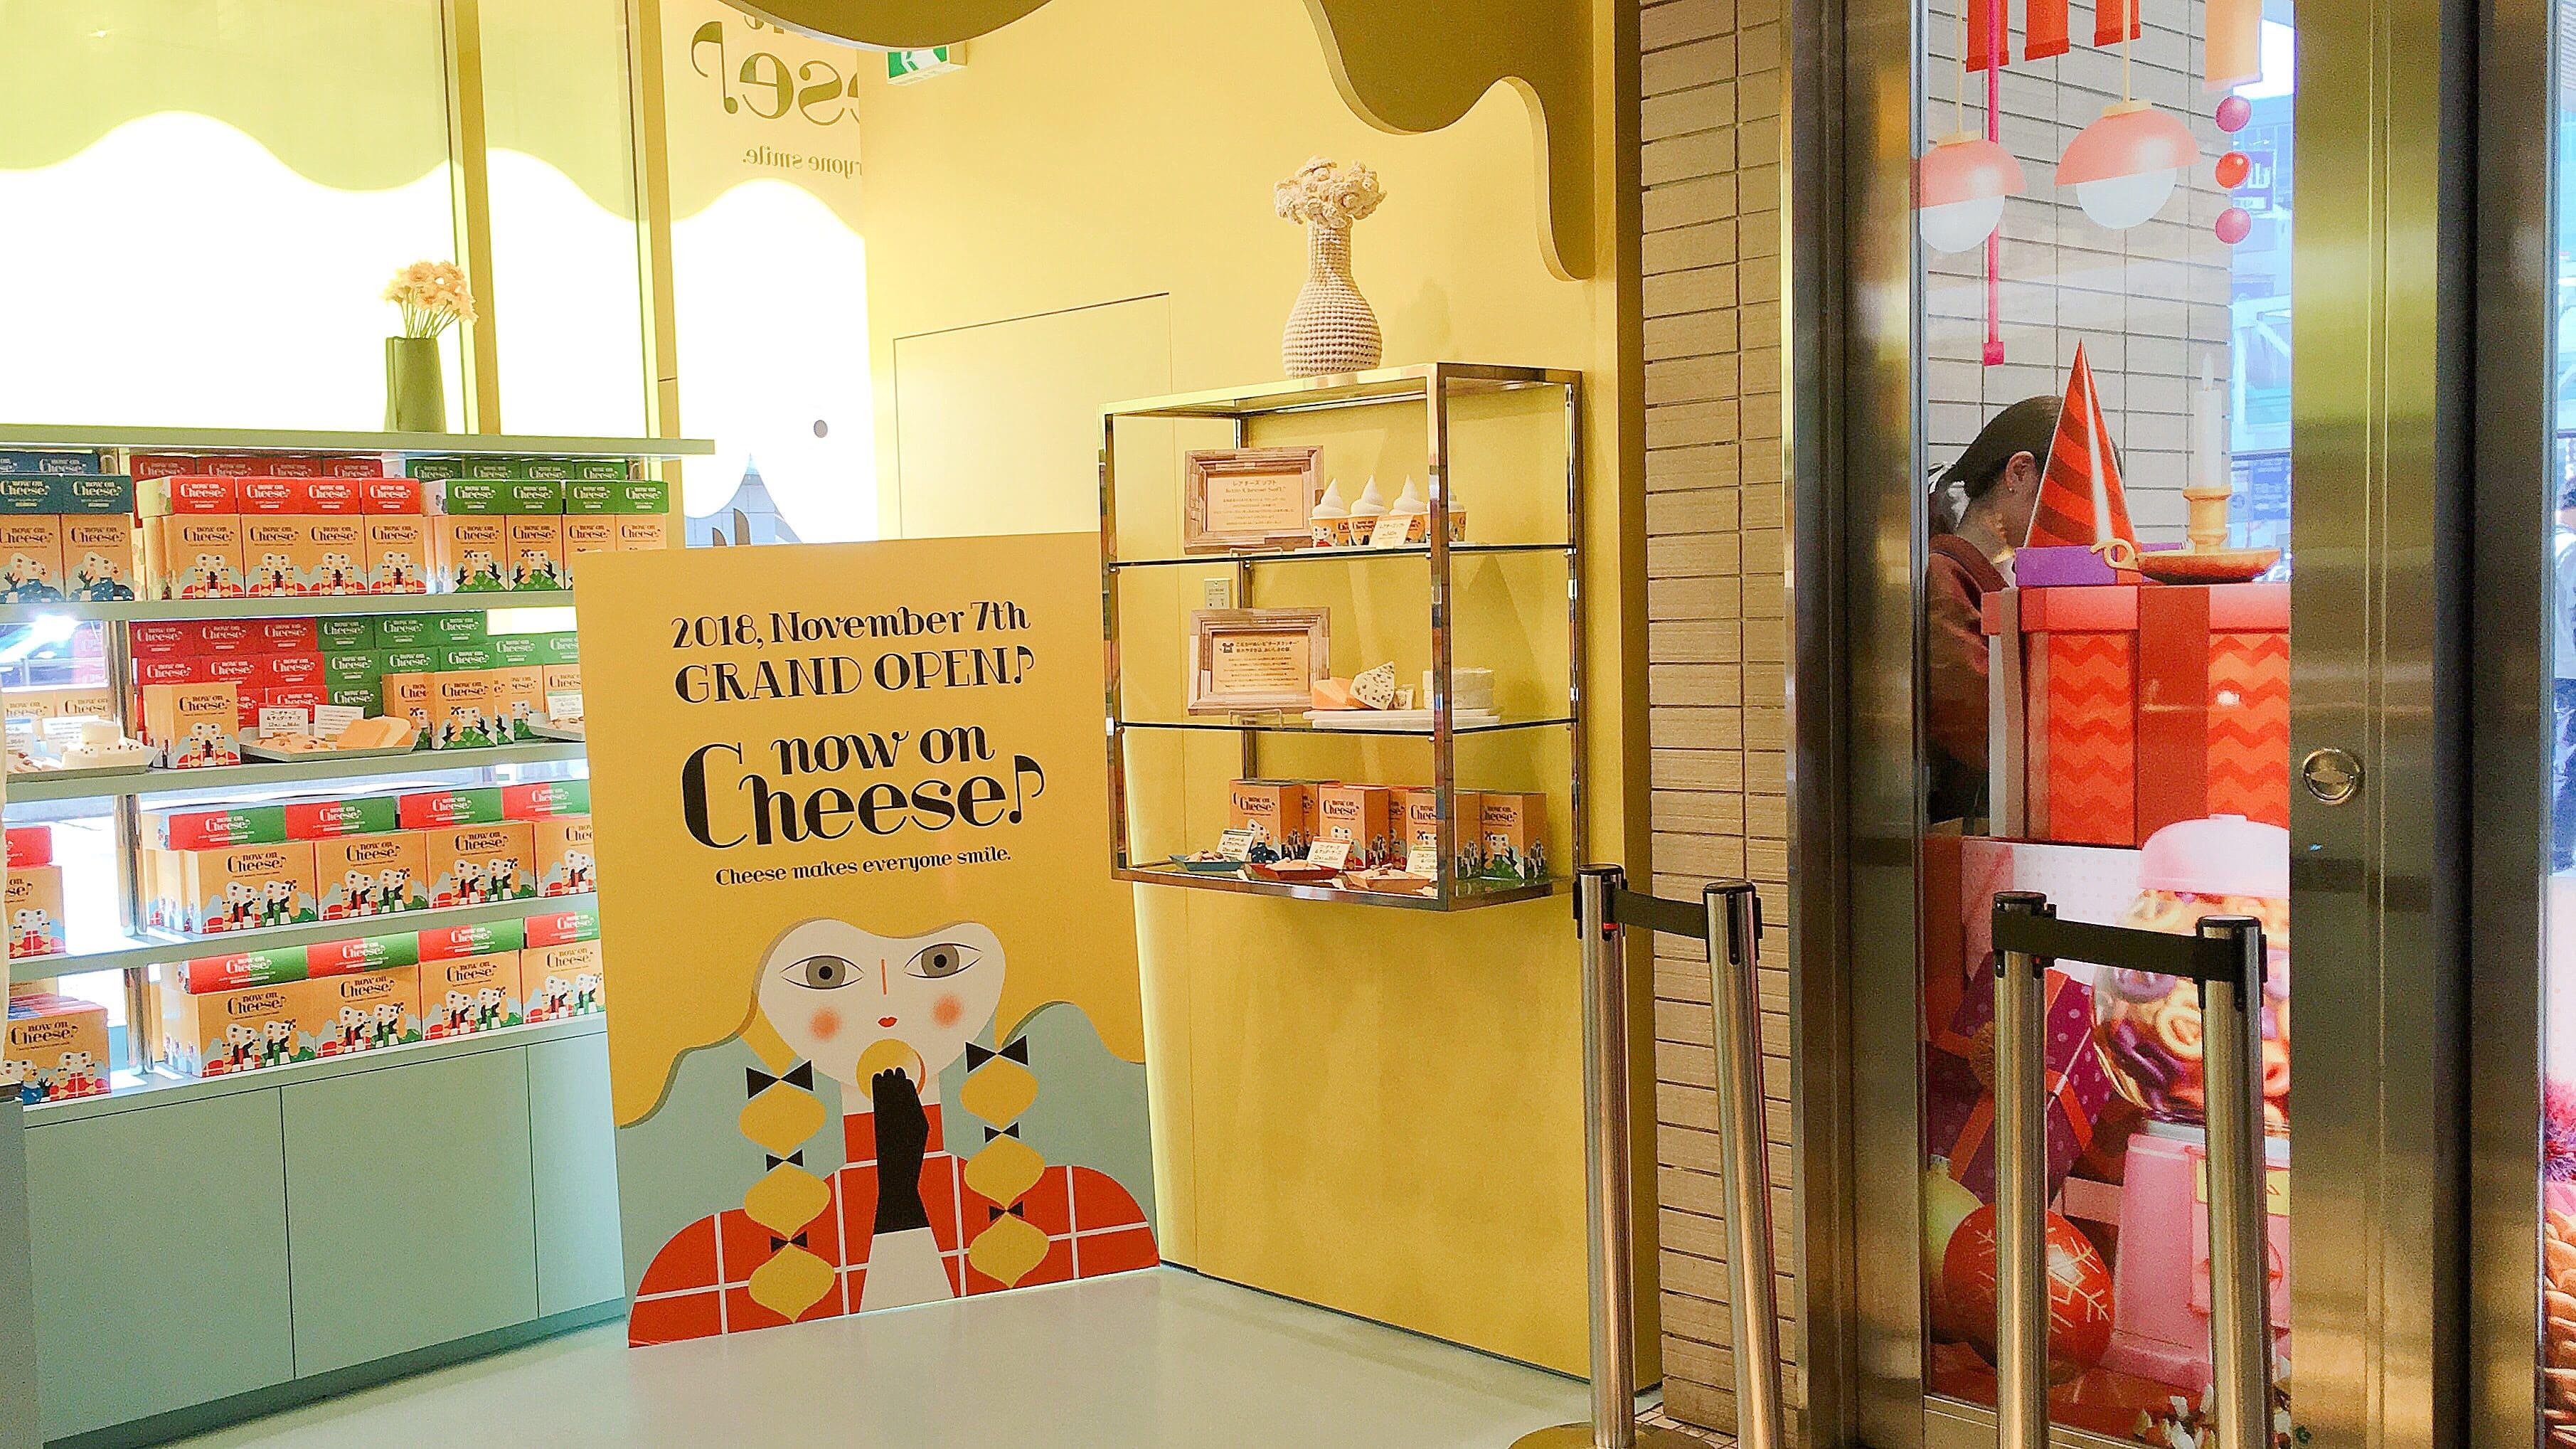 ルミネ新宿のチーズスイーツ専門店ナウオンチーズのレアチーズサンドの内観